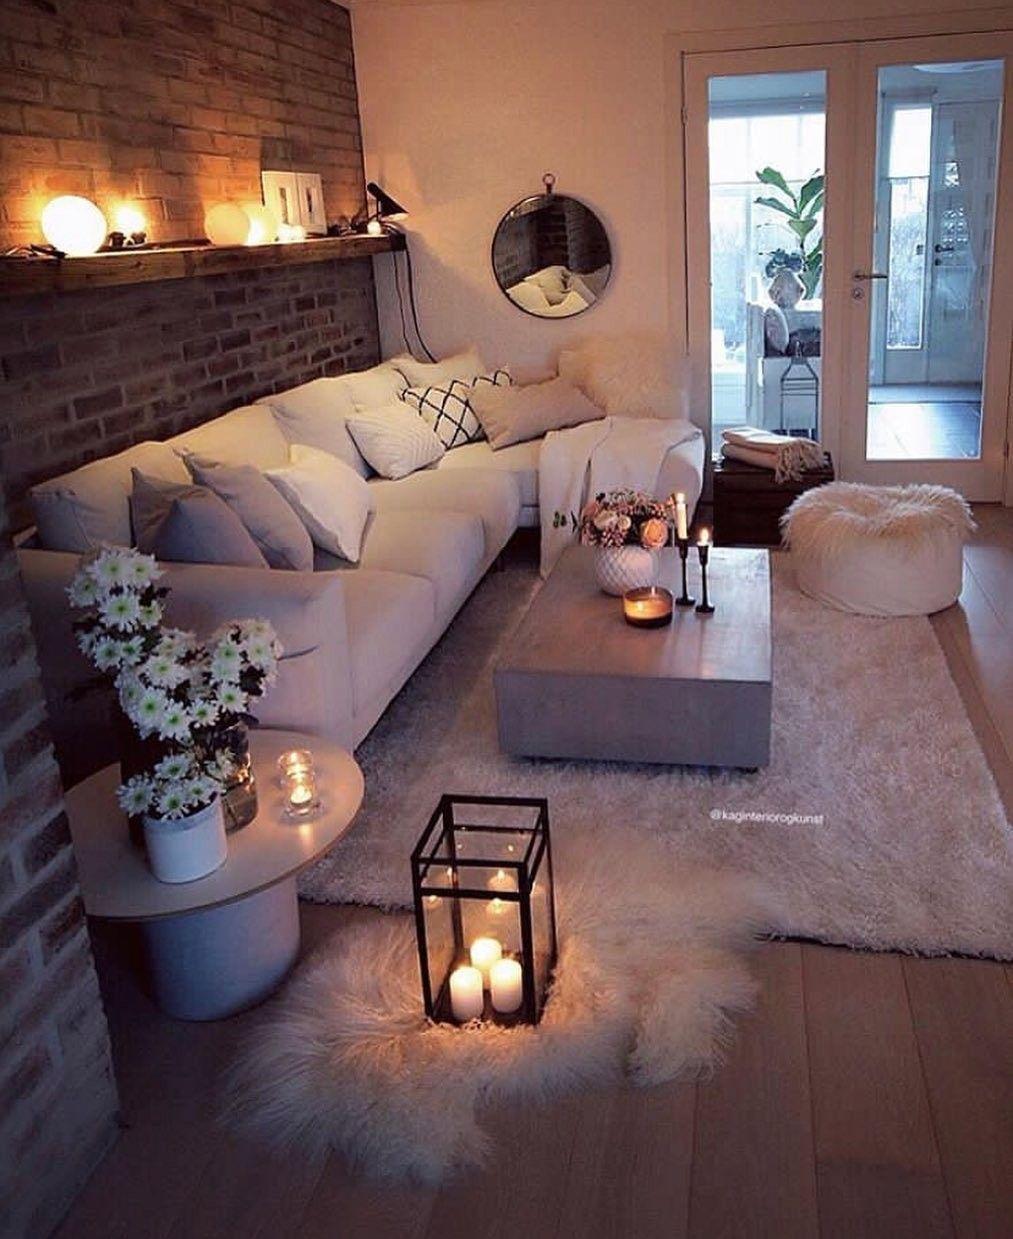 Photo of #lounge ideer koselig soverom dekor og ideer # soverom # koselig # dekor #ideas #lounge